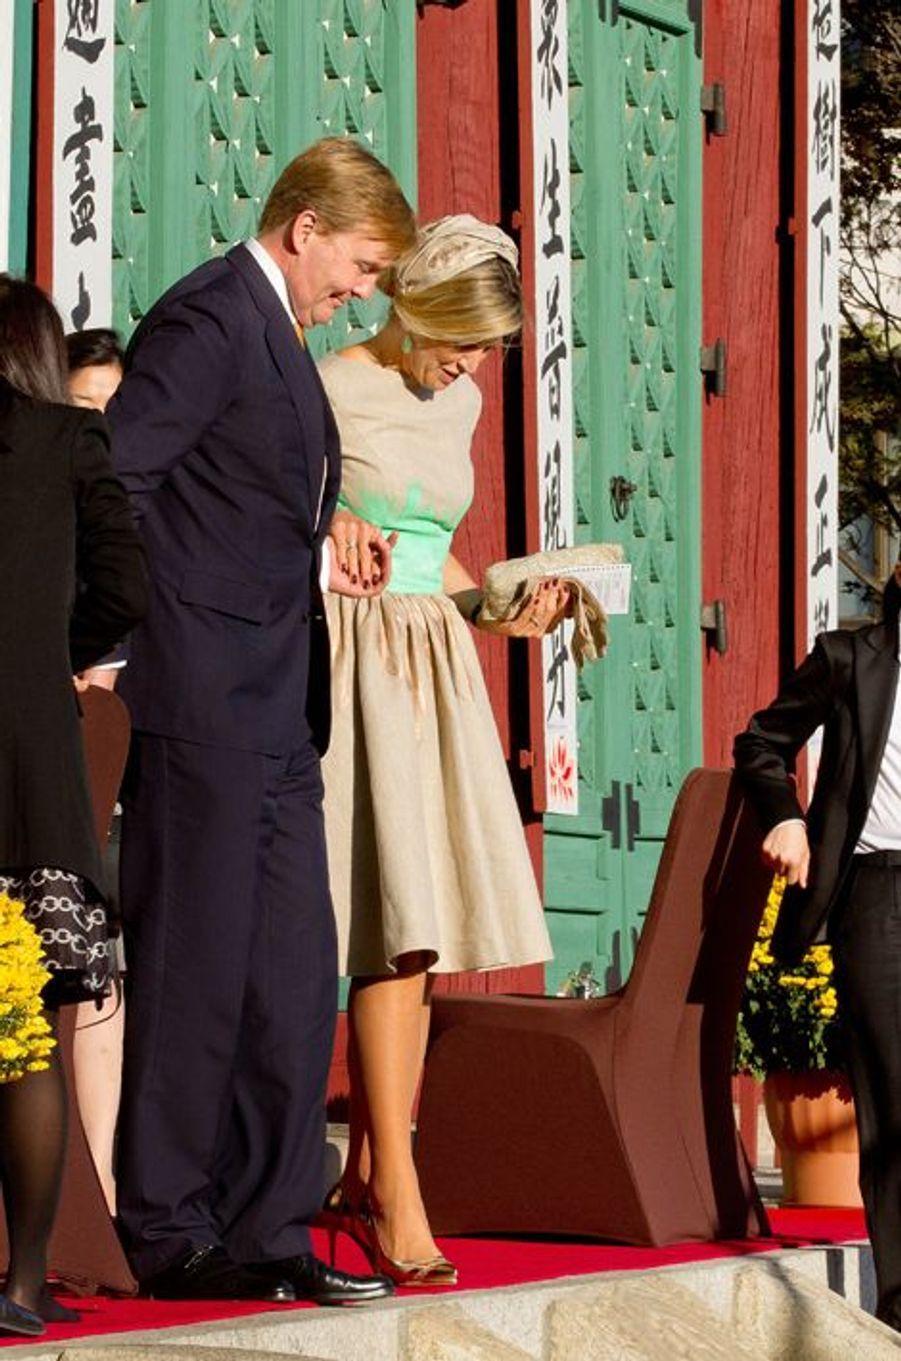 Le roi Willem-Alexander des Pays-Bas et la reine Maxima visitent le Gyeongbokgung Palace à Séoul, le 3 novembre 2014